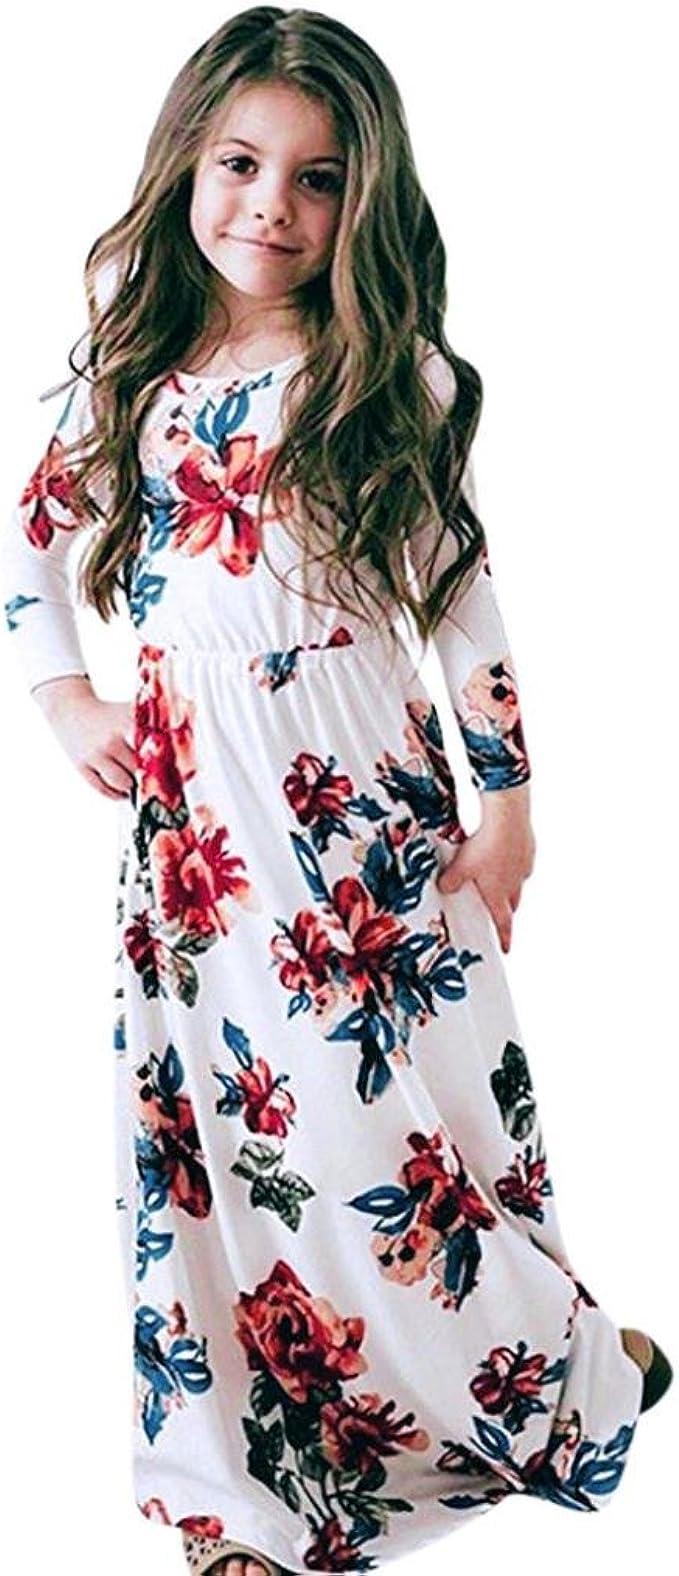 Mädchen Kleider Festliche Kindermode Kleider Longra Mädchen Blumen Kleid  Langarmshirt Kleid Schöne Lange Maxikleid Frühjahr-Sommer Kinderkleidung